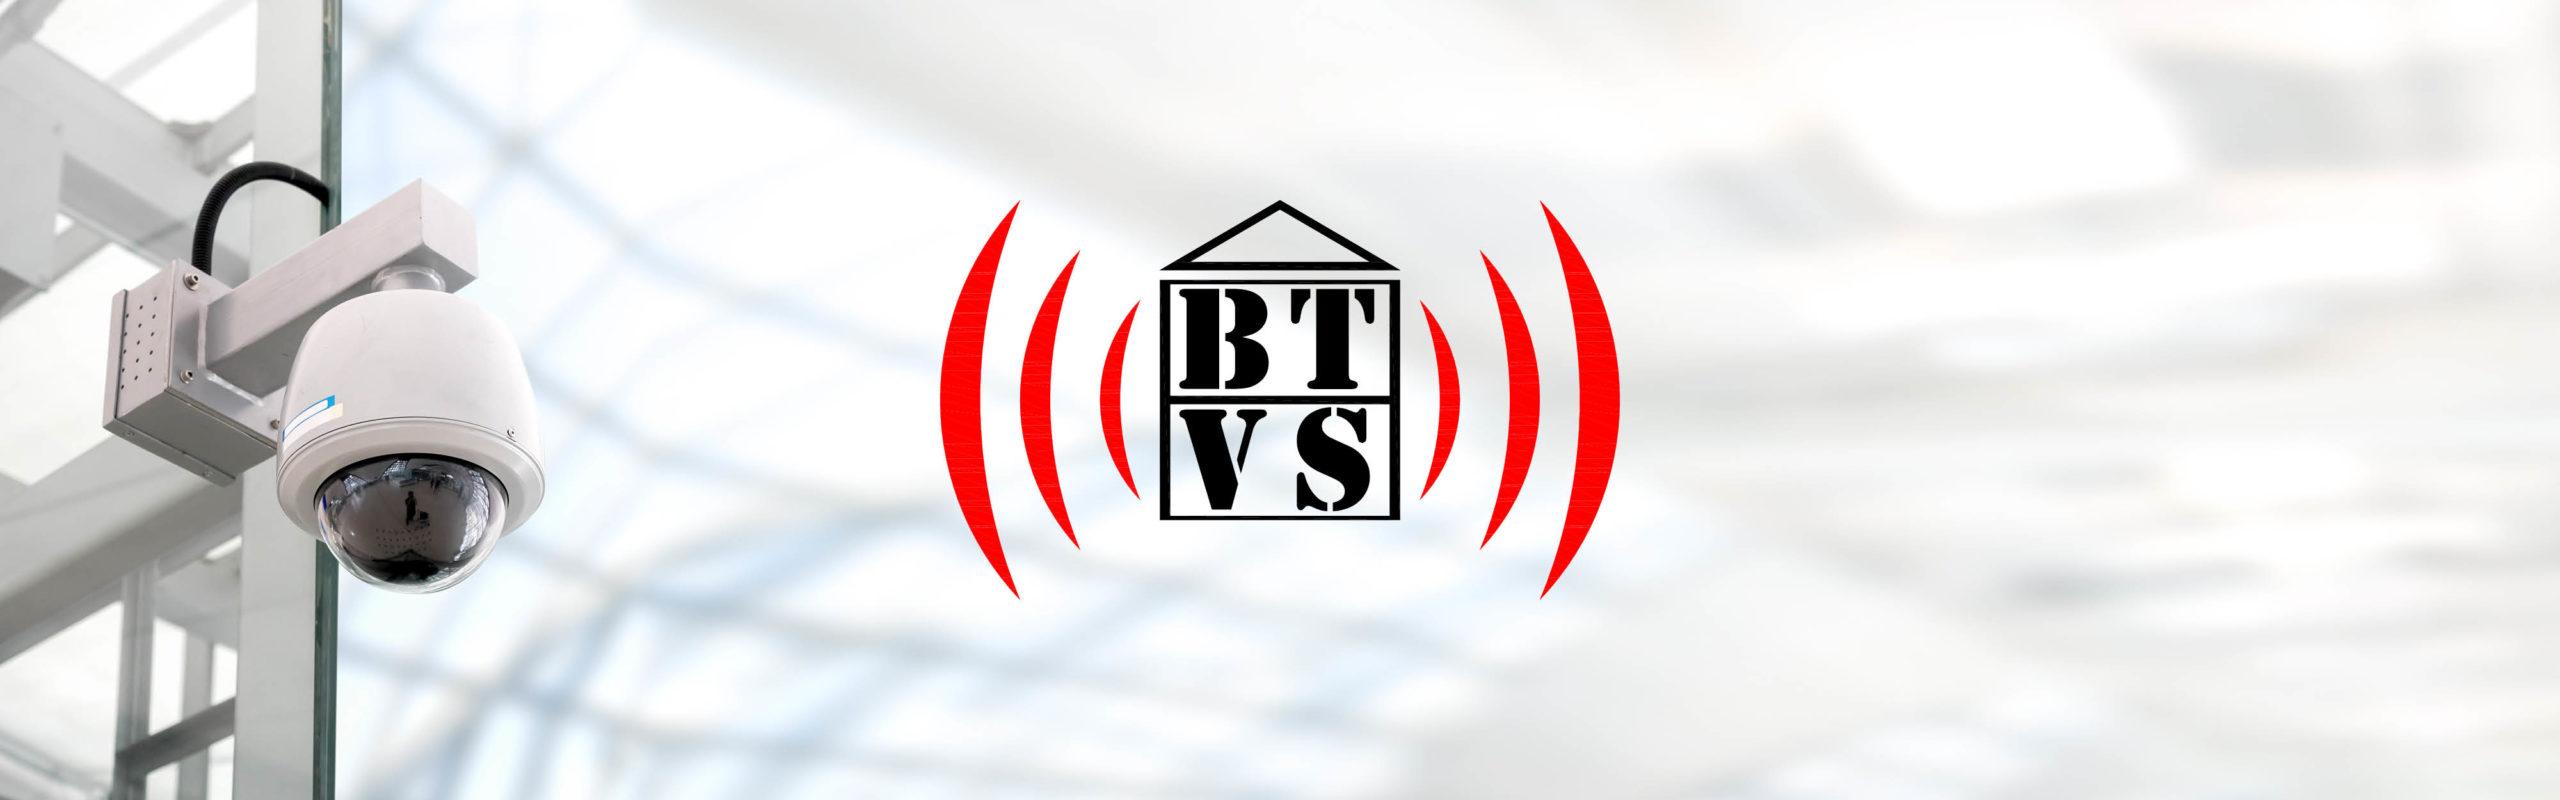 BTVS banner logo